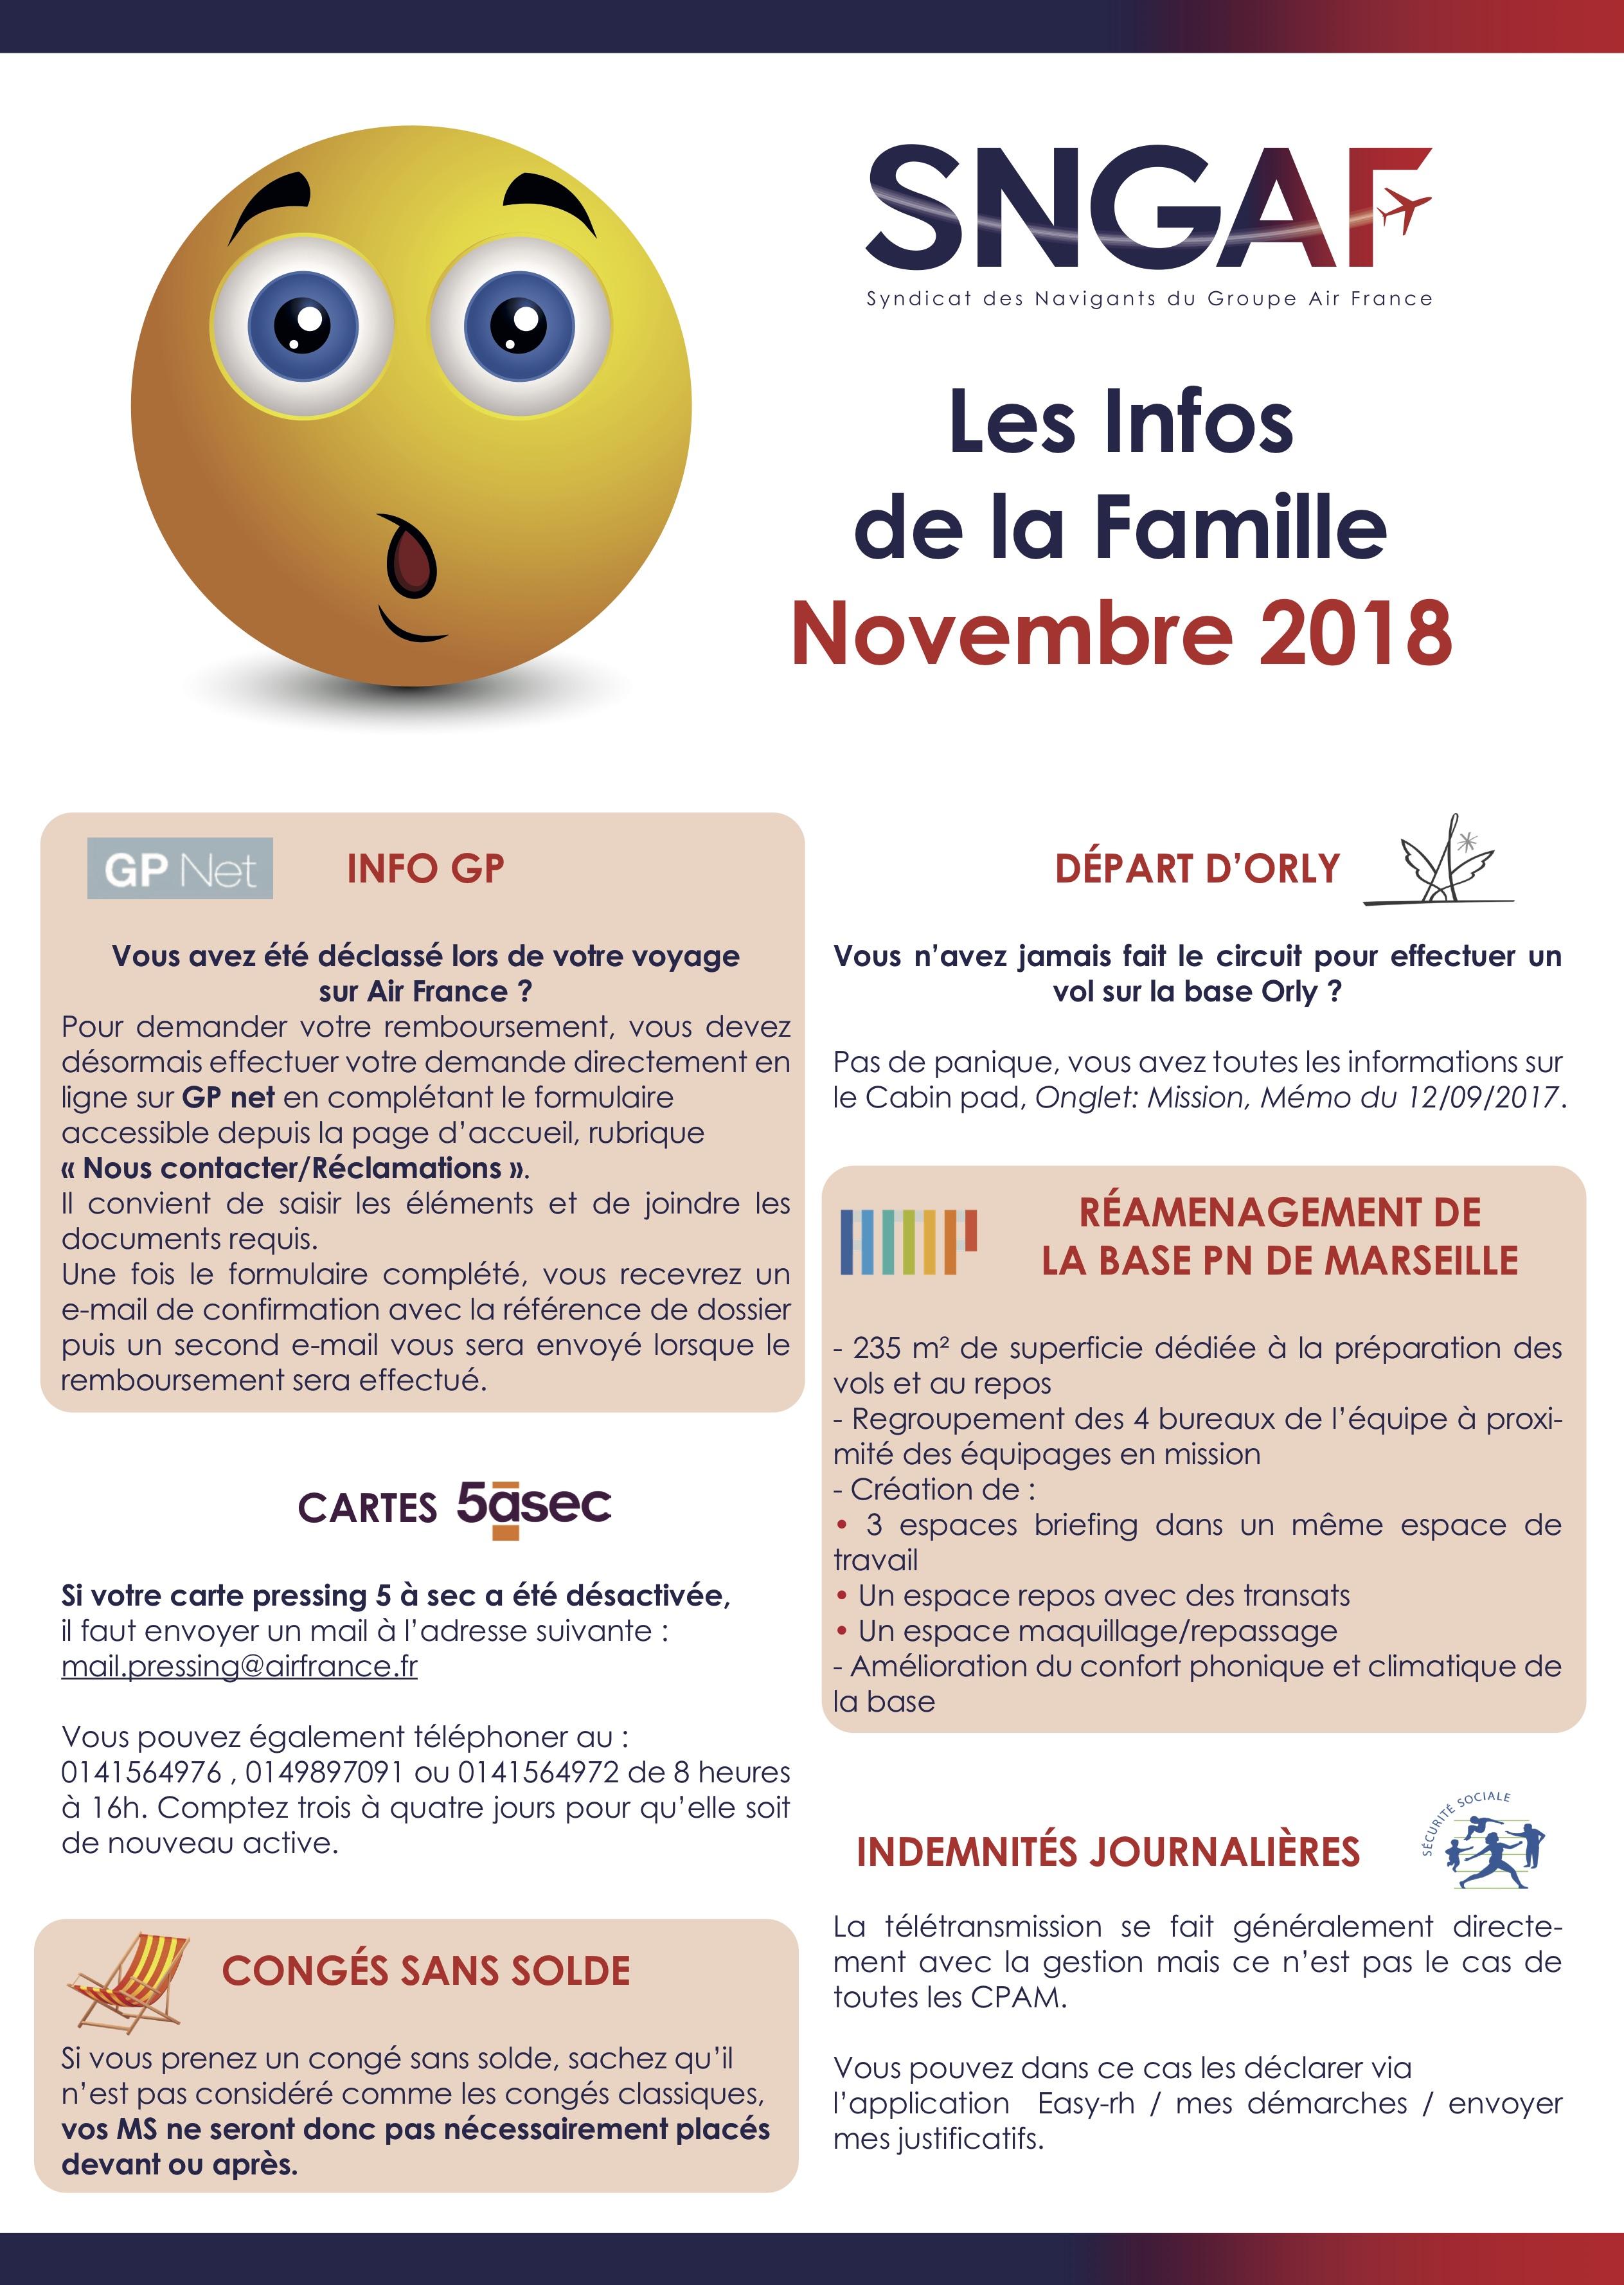 Les infos de la famille - Novembre 2018 - 1